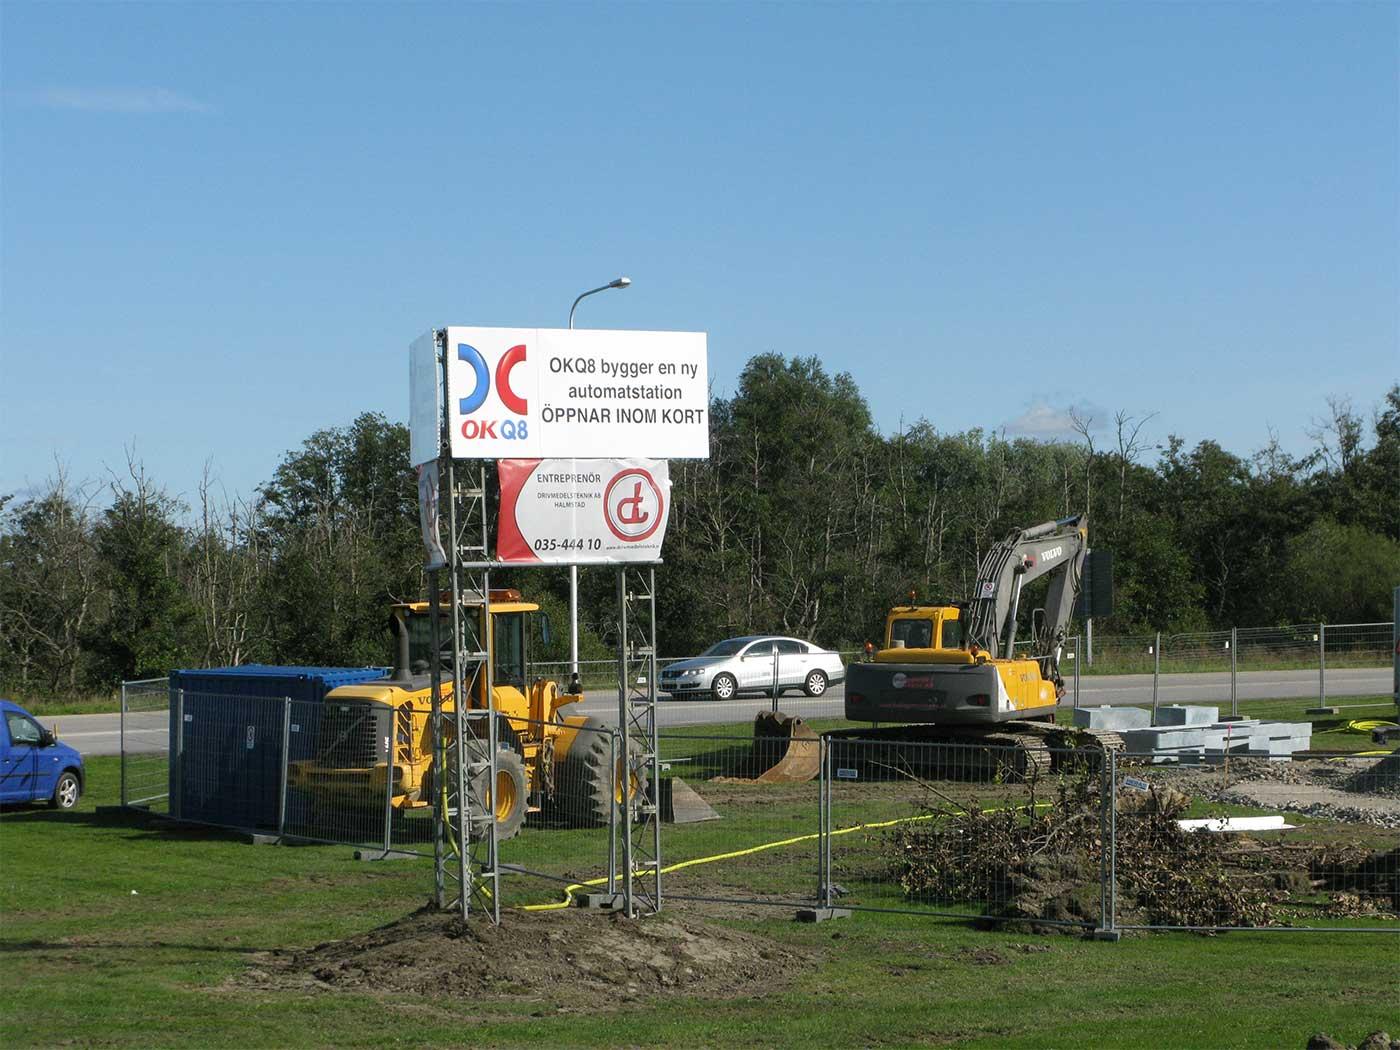 Inom kort öppnar en ny automatiserad bensinstation vid Borggårdsrondellen invid väg 108. Det är macken från Malmövägen i Staffanstorp som byter placering. Foto: Ivar Sjögren för StaffanstorpsAktuellt